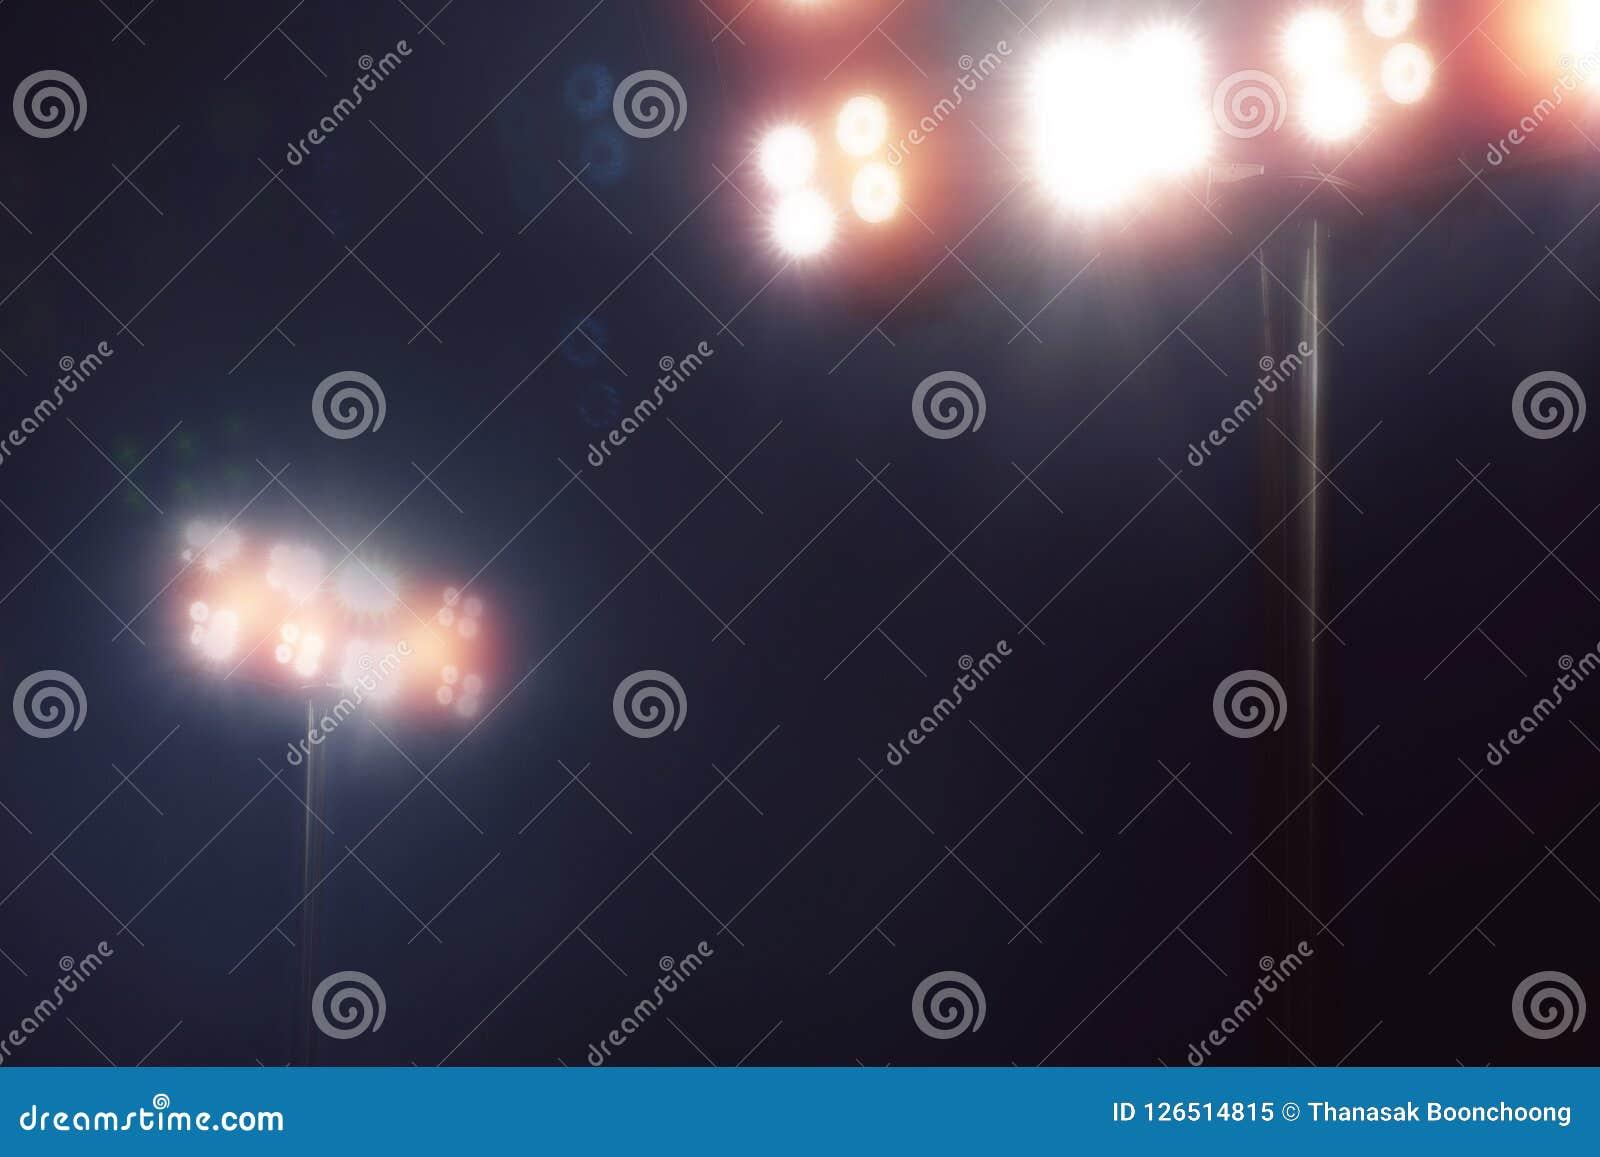 Stadionlichten in sportspel in donkere nachthemel